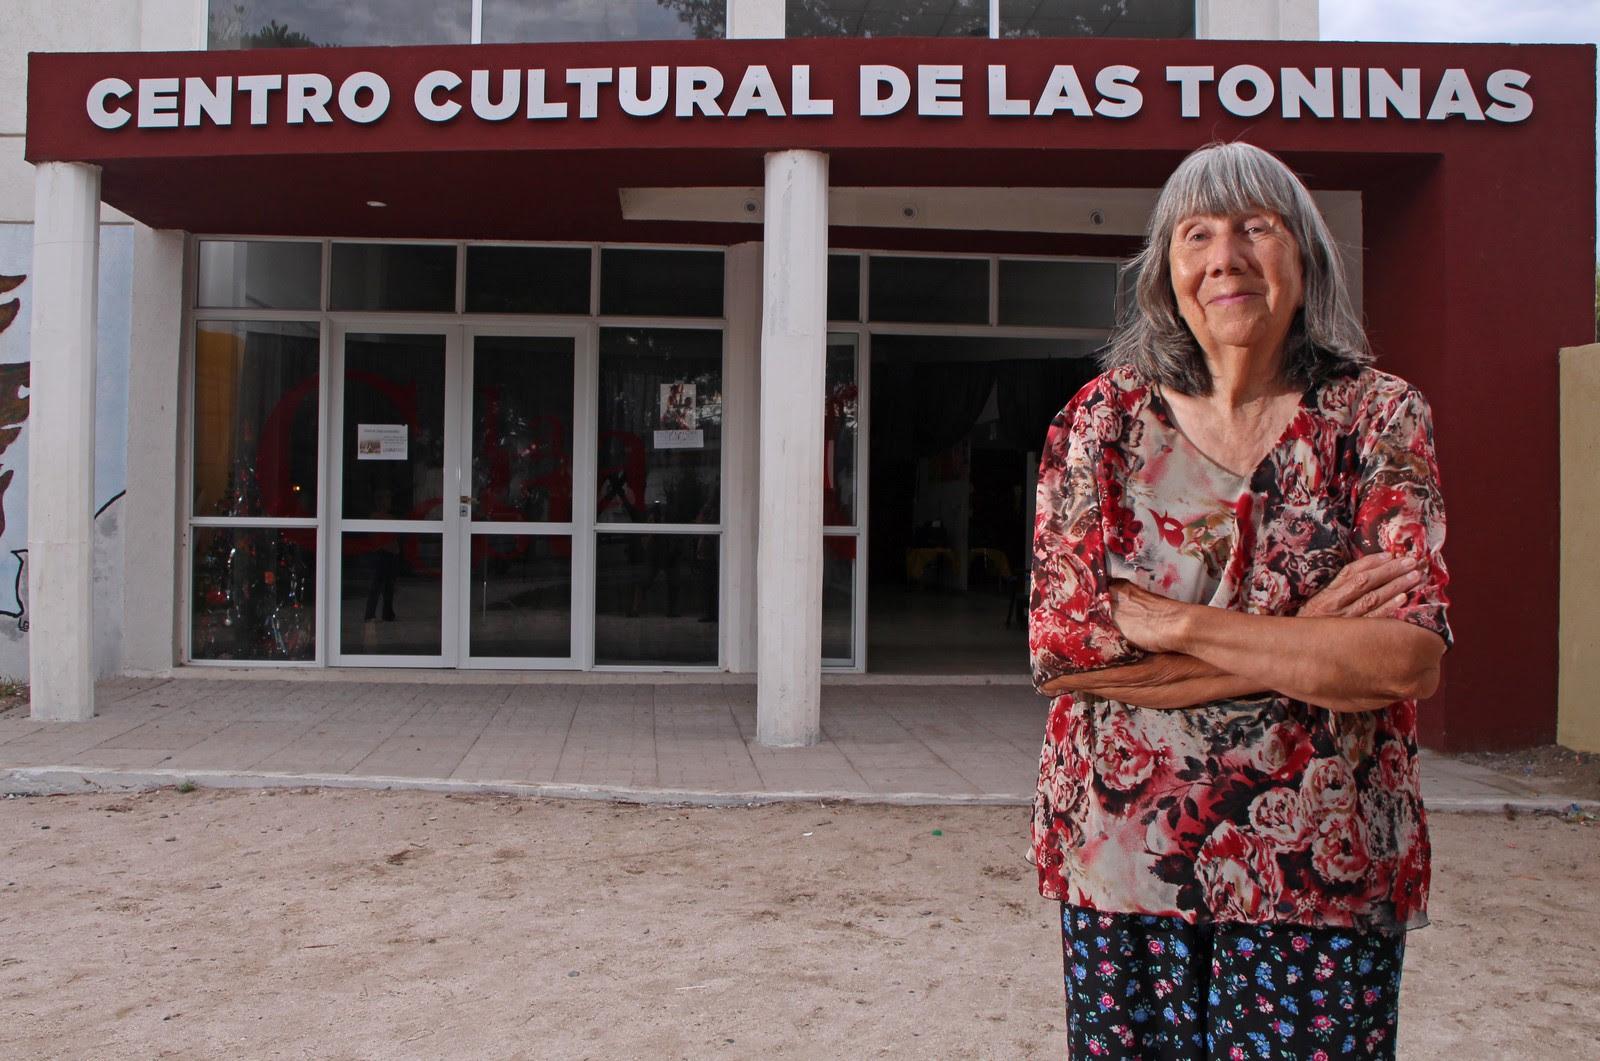 Amables Antes La Vecina municipalidad de la costa: las toninas, 57 aÑos en la mirada